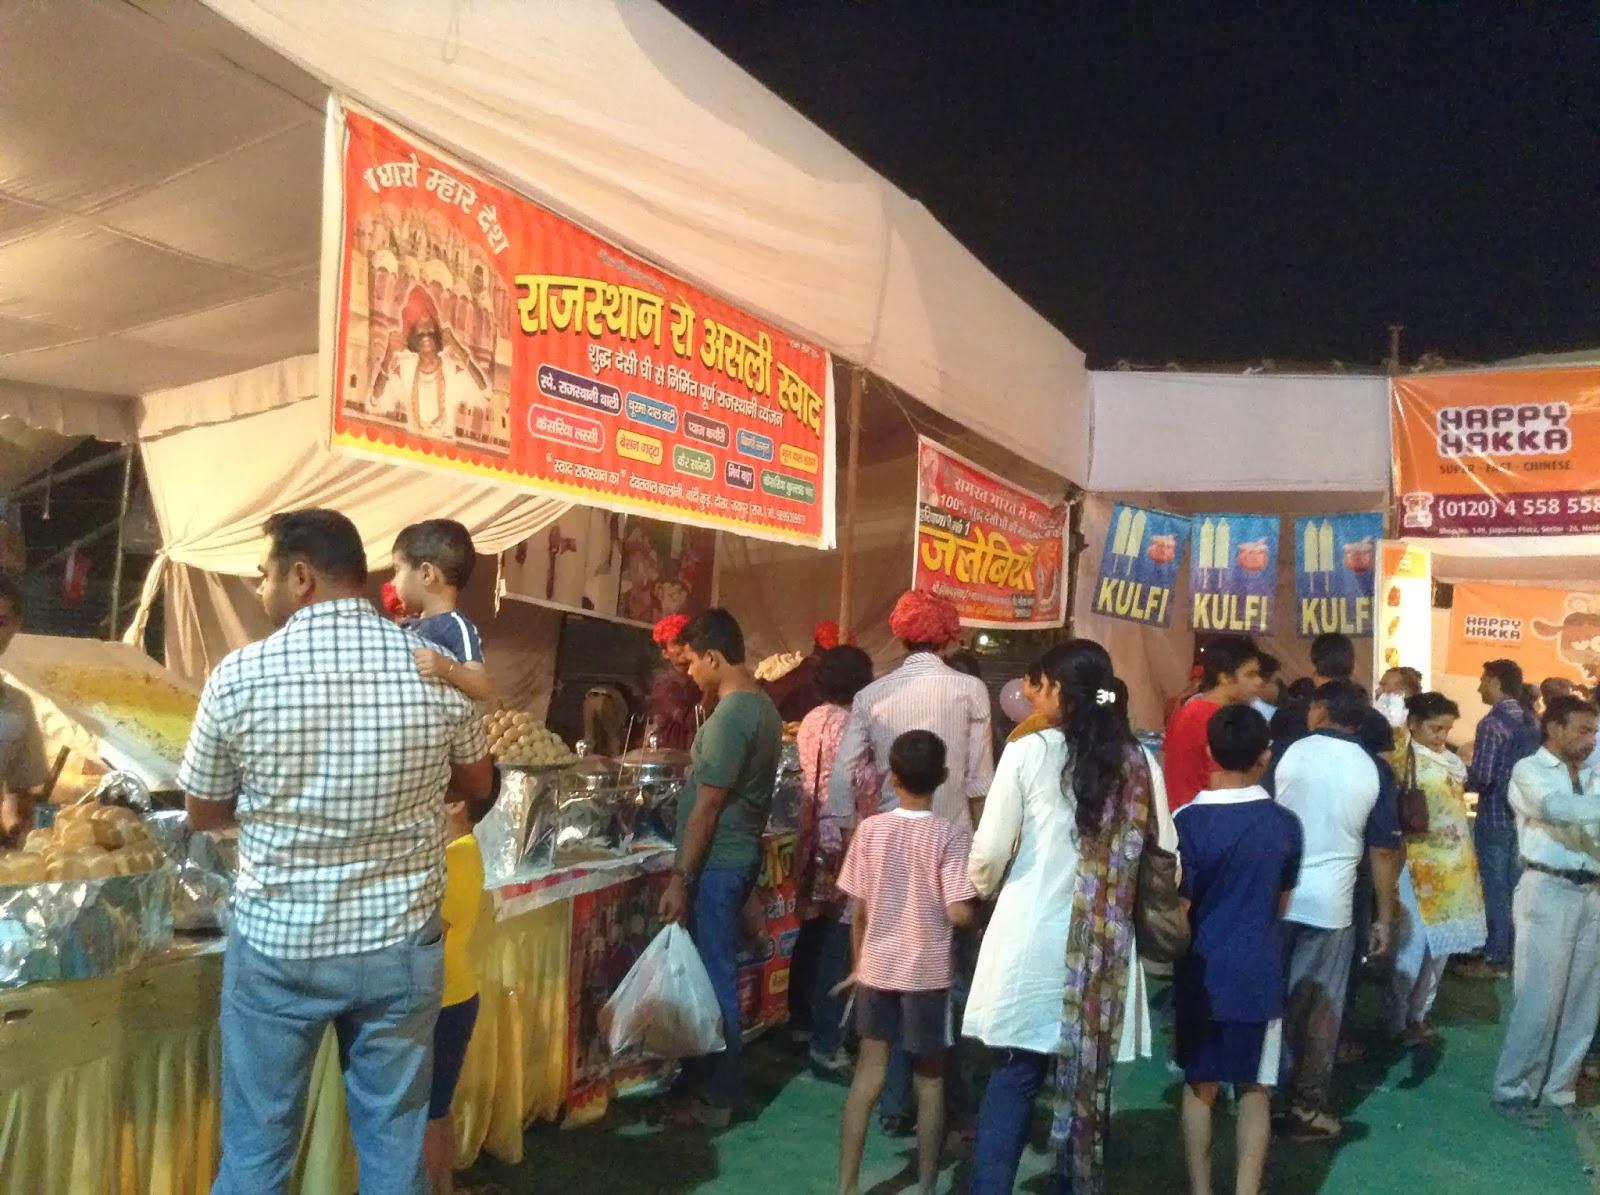 Food Stalls at the Deep Utsav, Noida